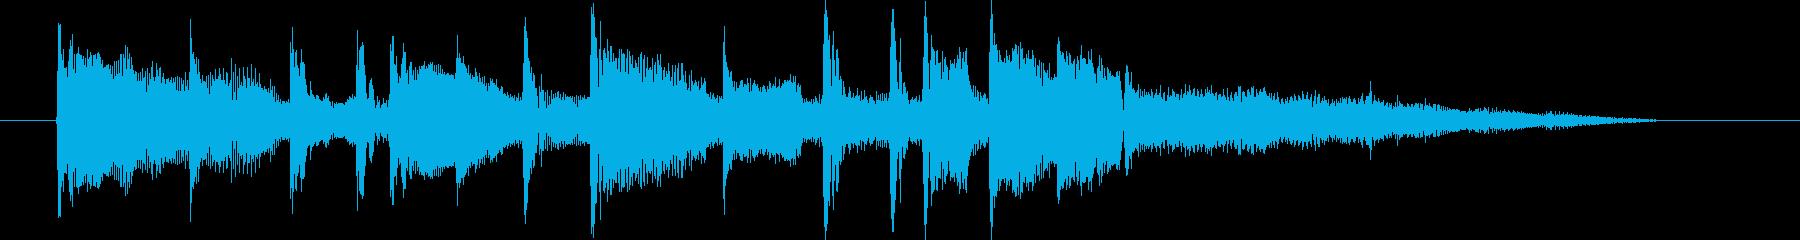 ゆったりリゾート感シンセサイザーサウンドの再生済みの波形